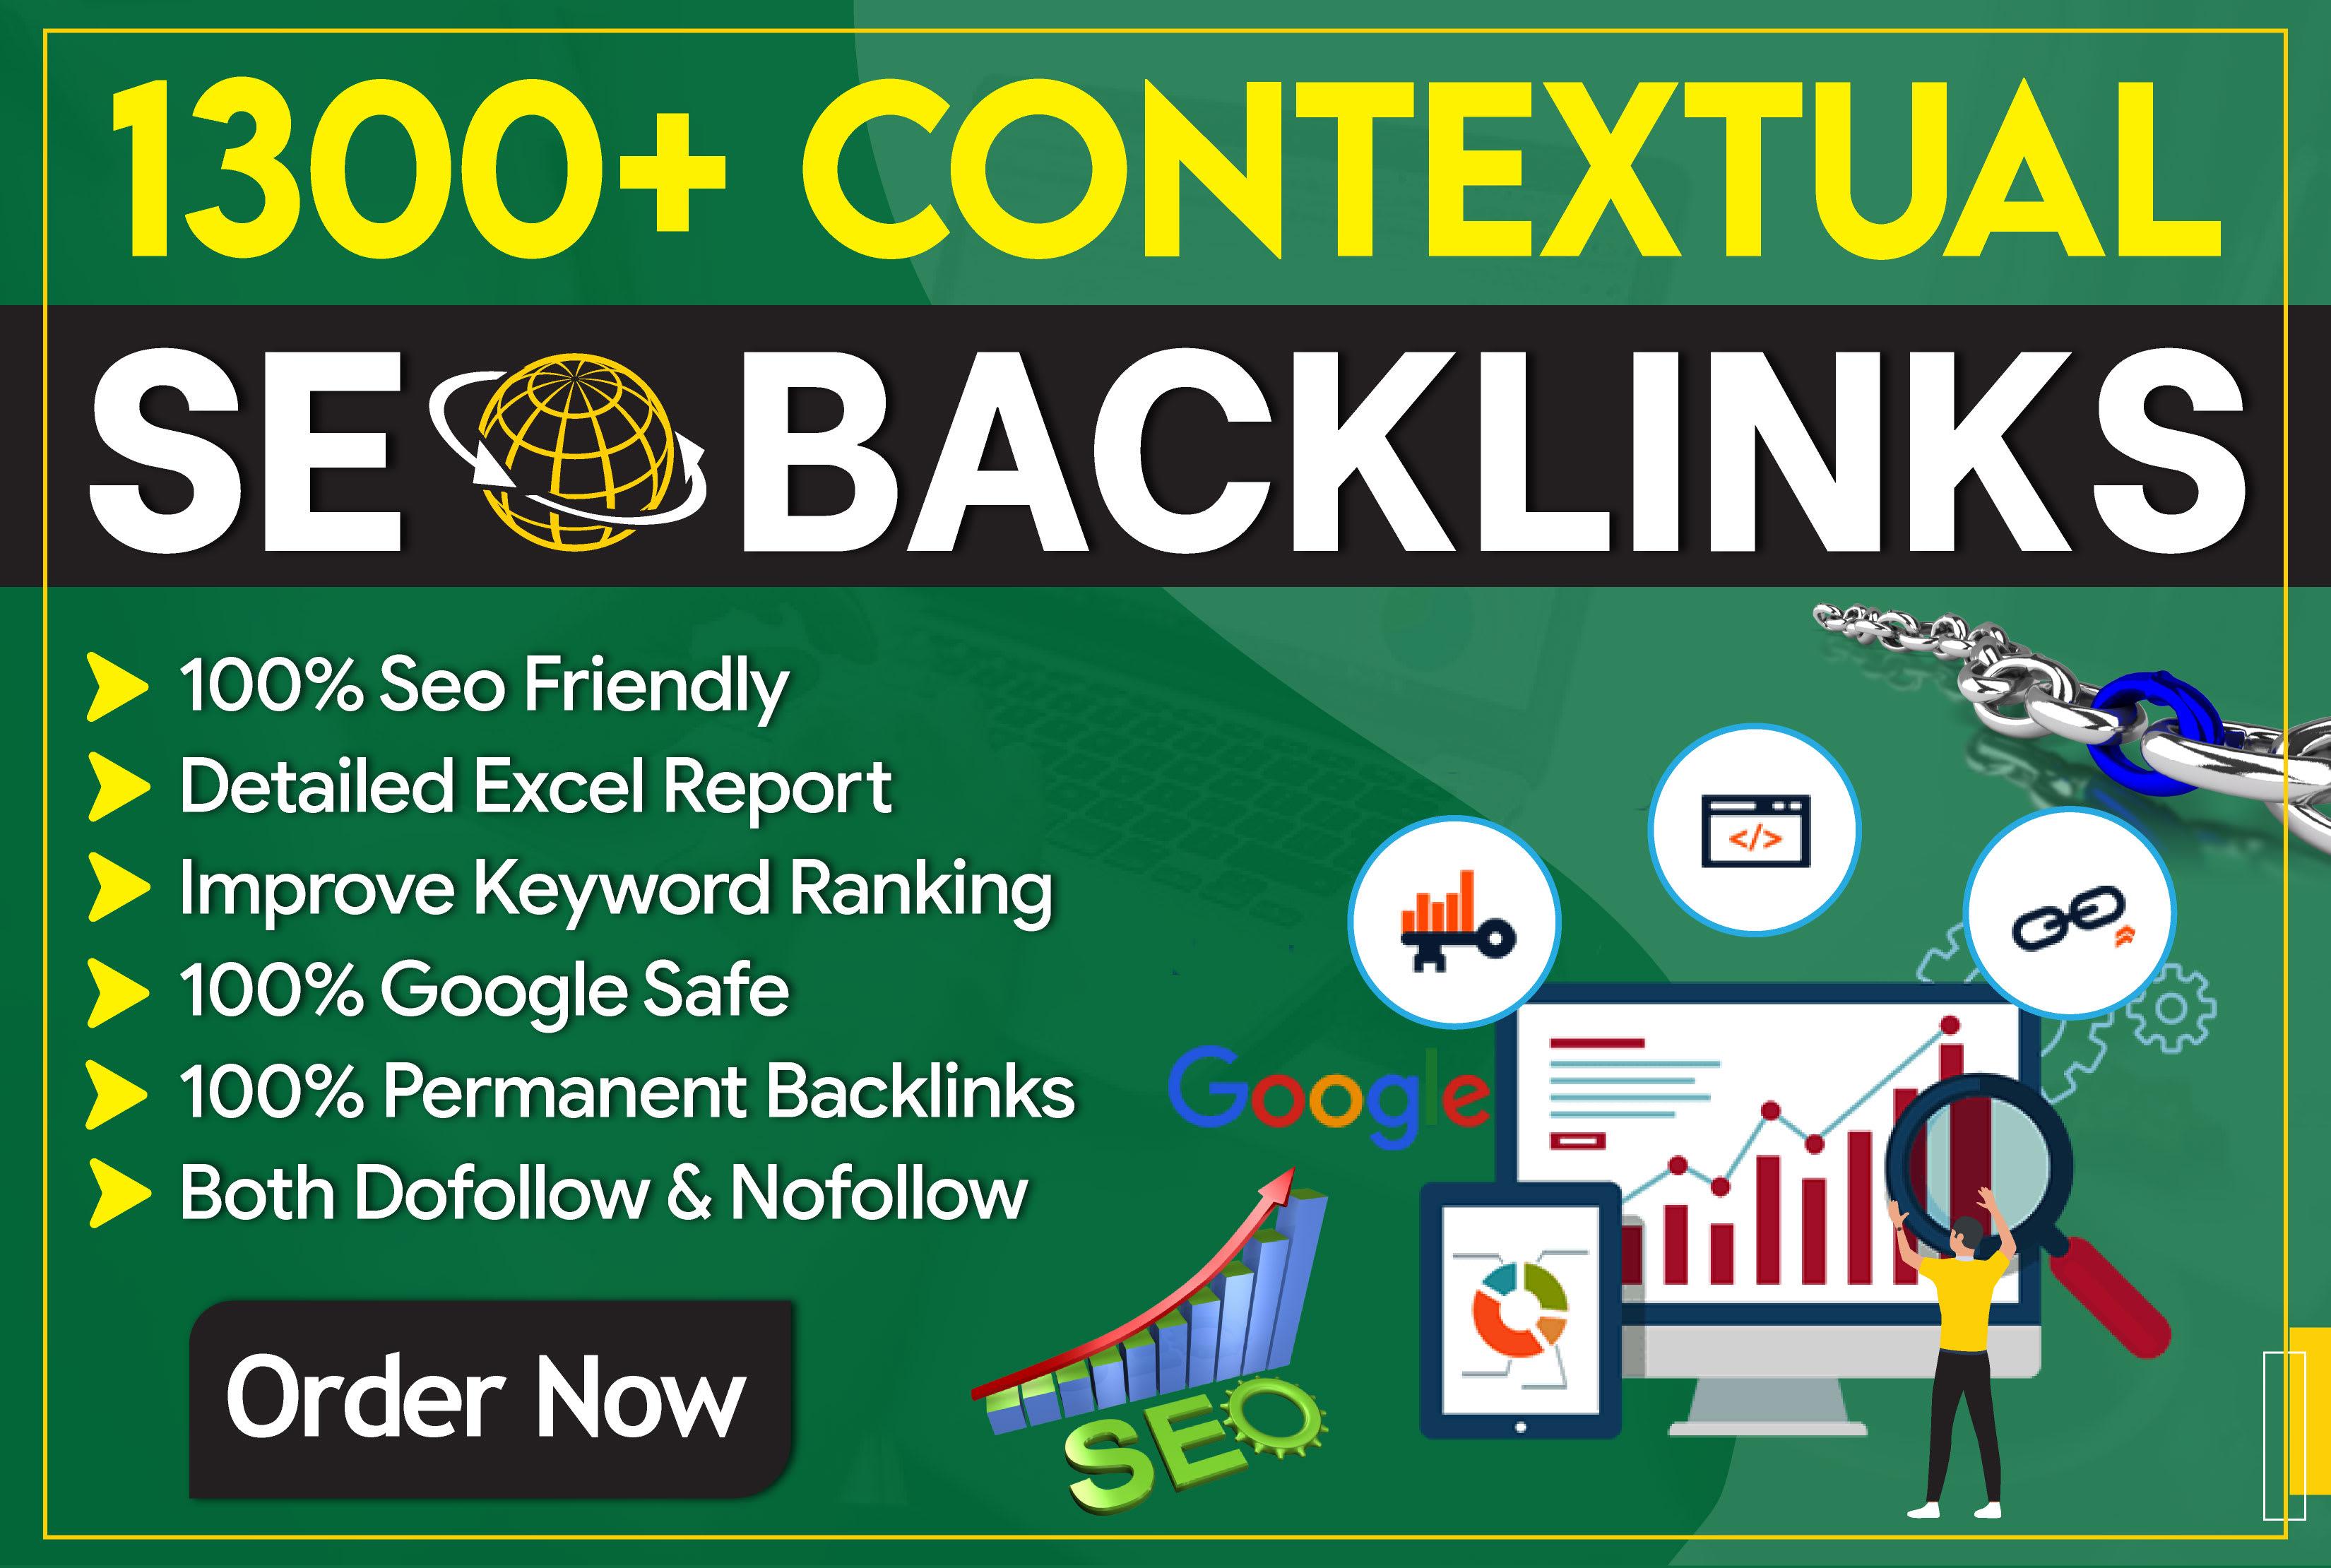 Build 1300 manual contextual dofollow backlinks service in SEO